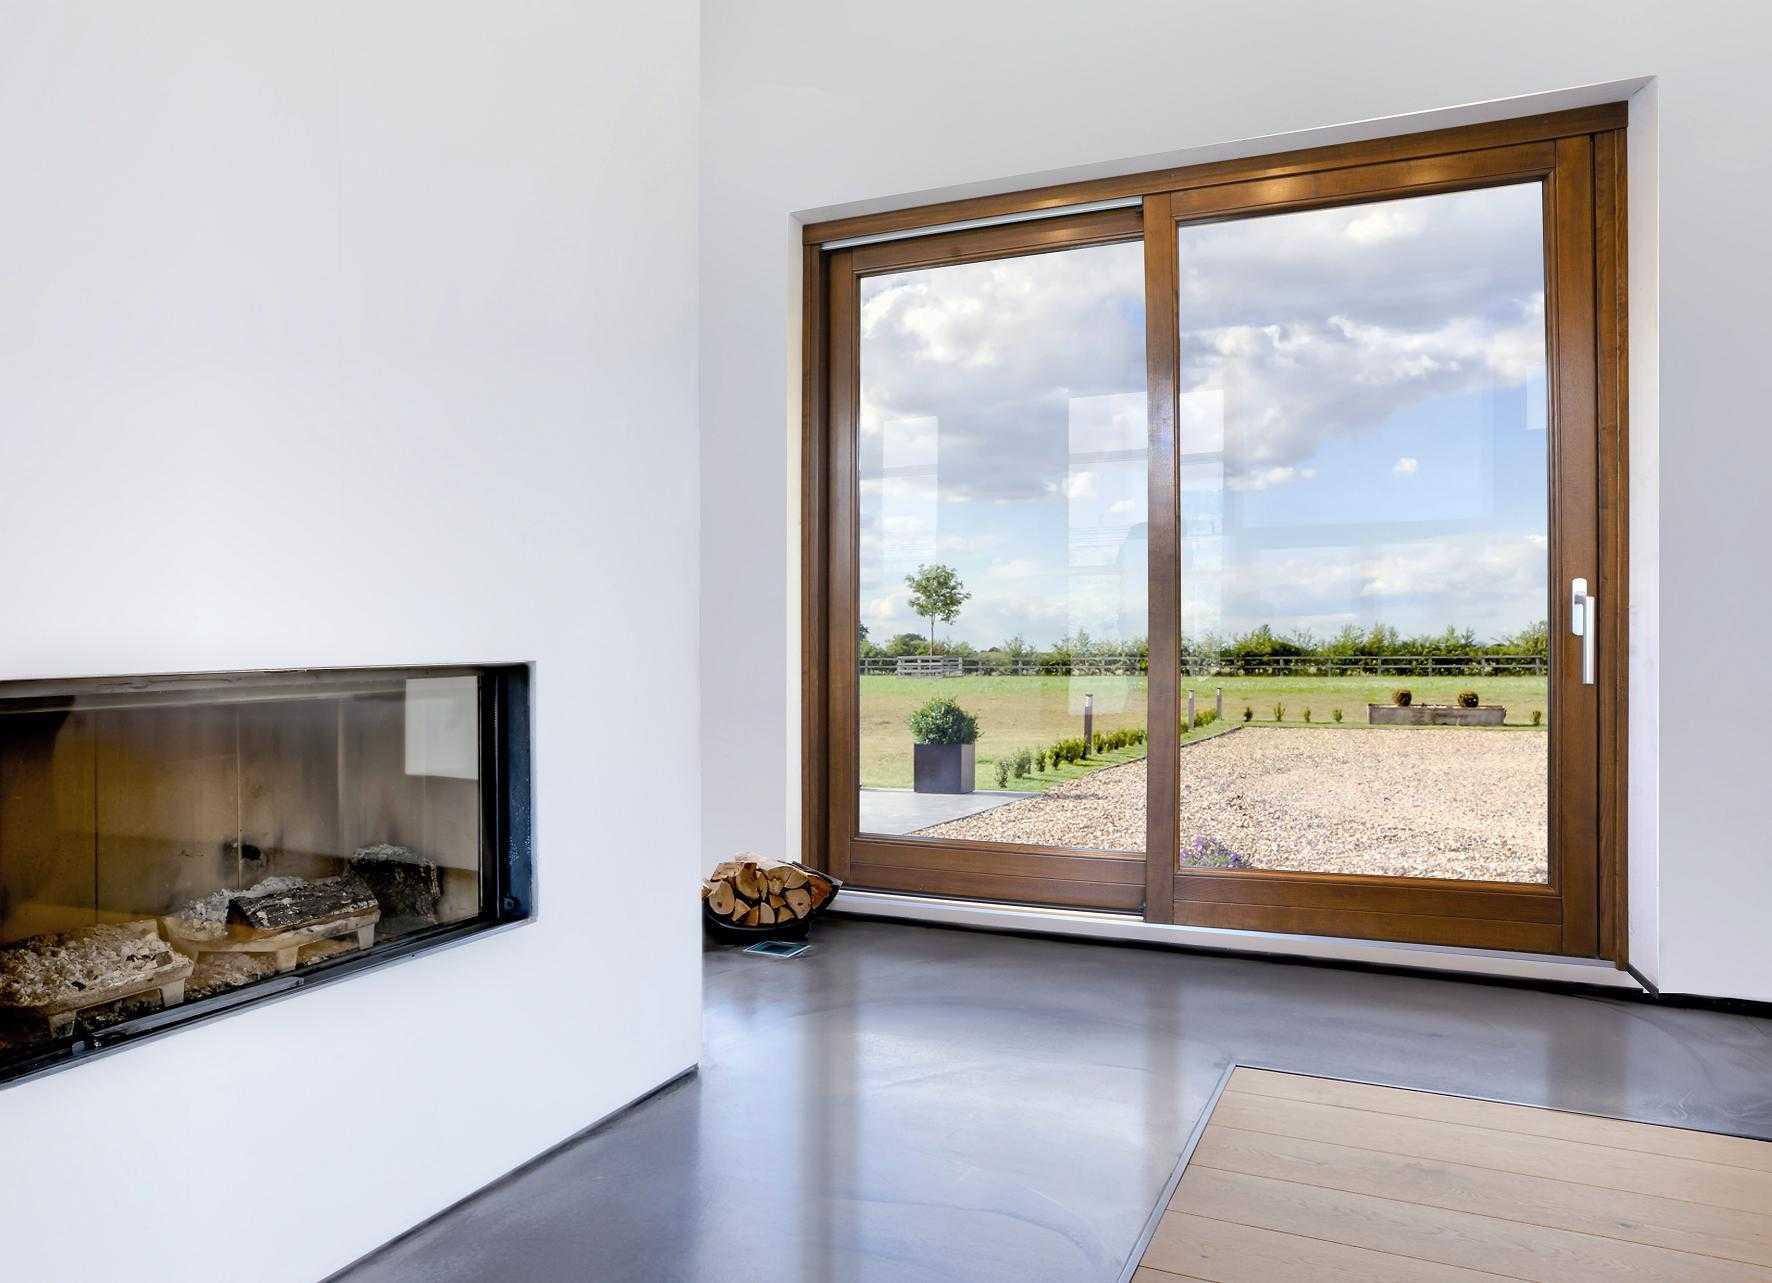 Finiture casa pavimenti rivestimenti infissi per la casa for Finestre e porte moderne